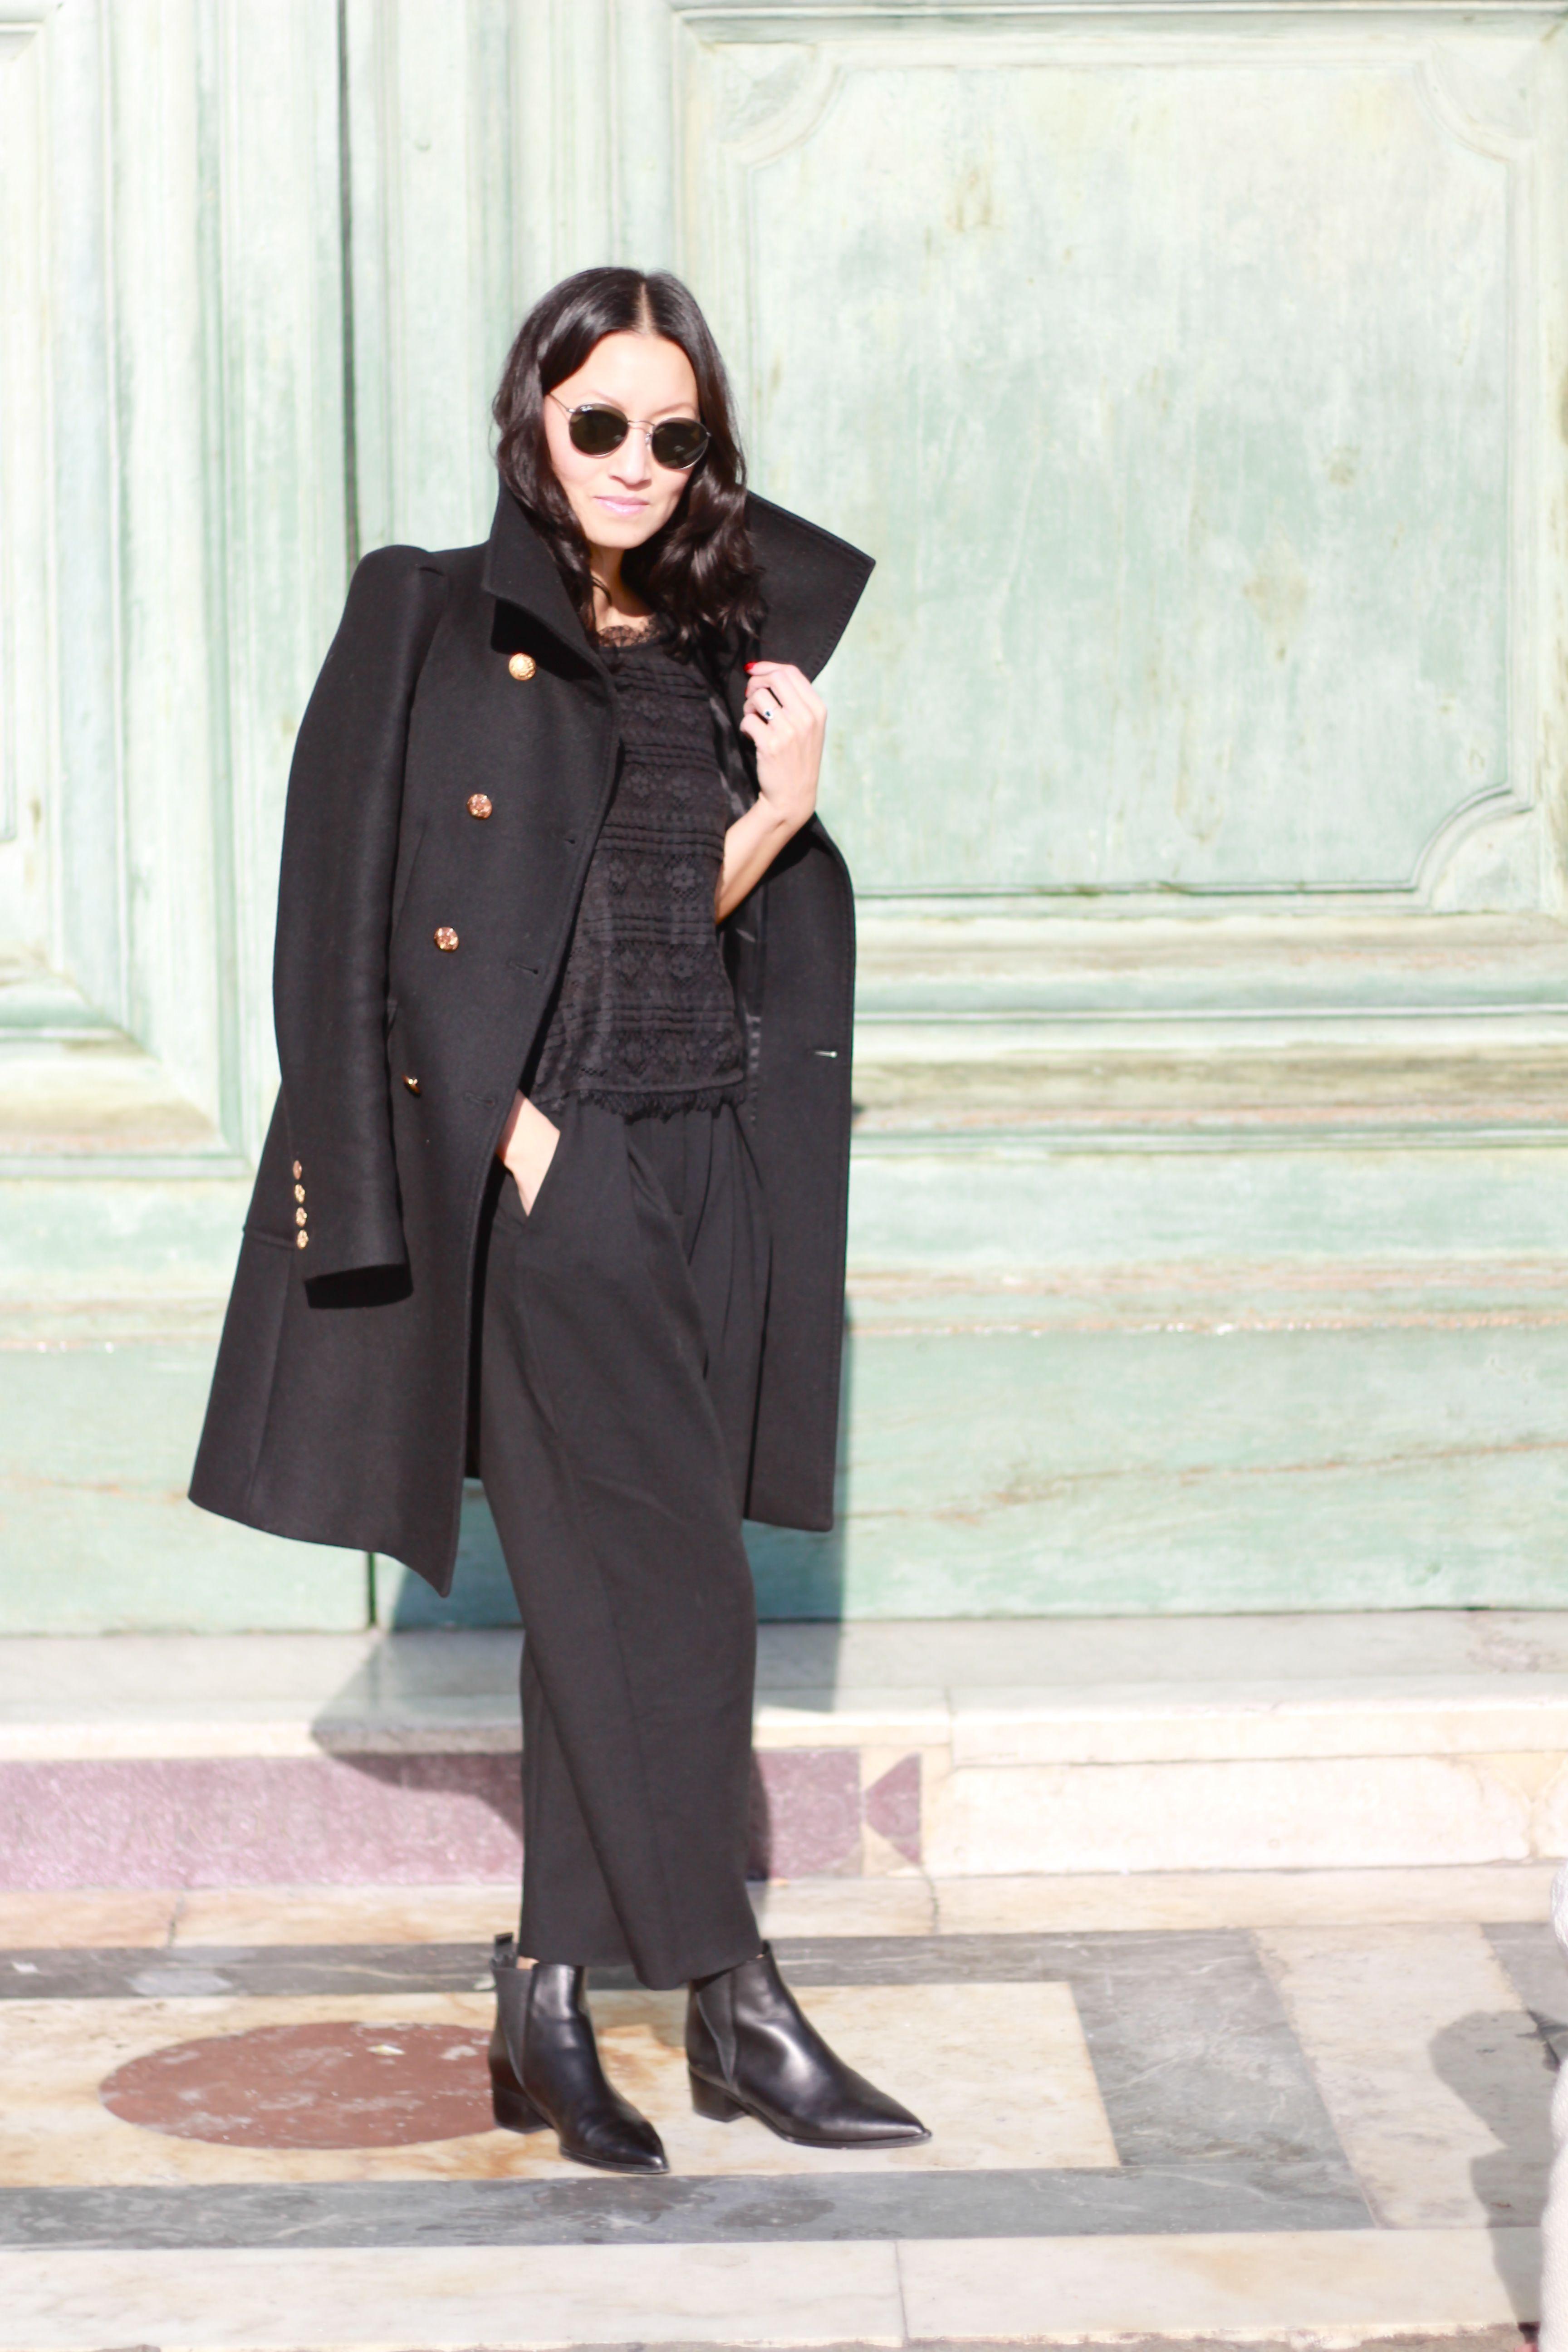 Women S Black Coat Black Lace Cropped Top Black Wide Leg Pants Black Leather Chelsea Boots Black Leather Chelsea Boots Black Wide Leg Pants Womens Black Coat